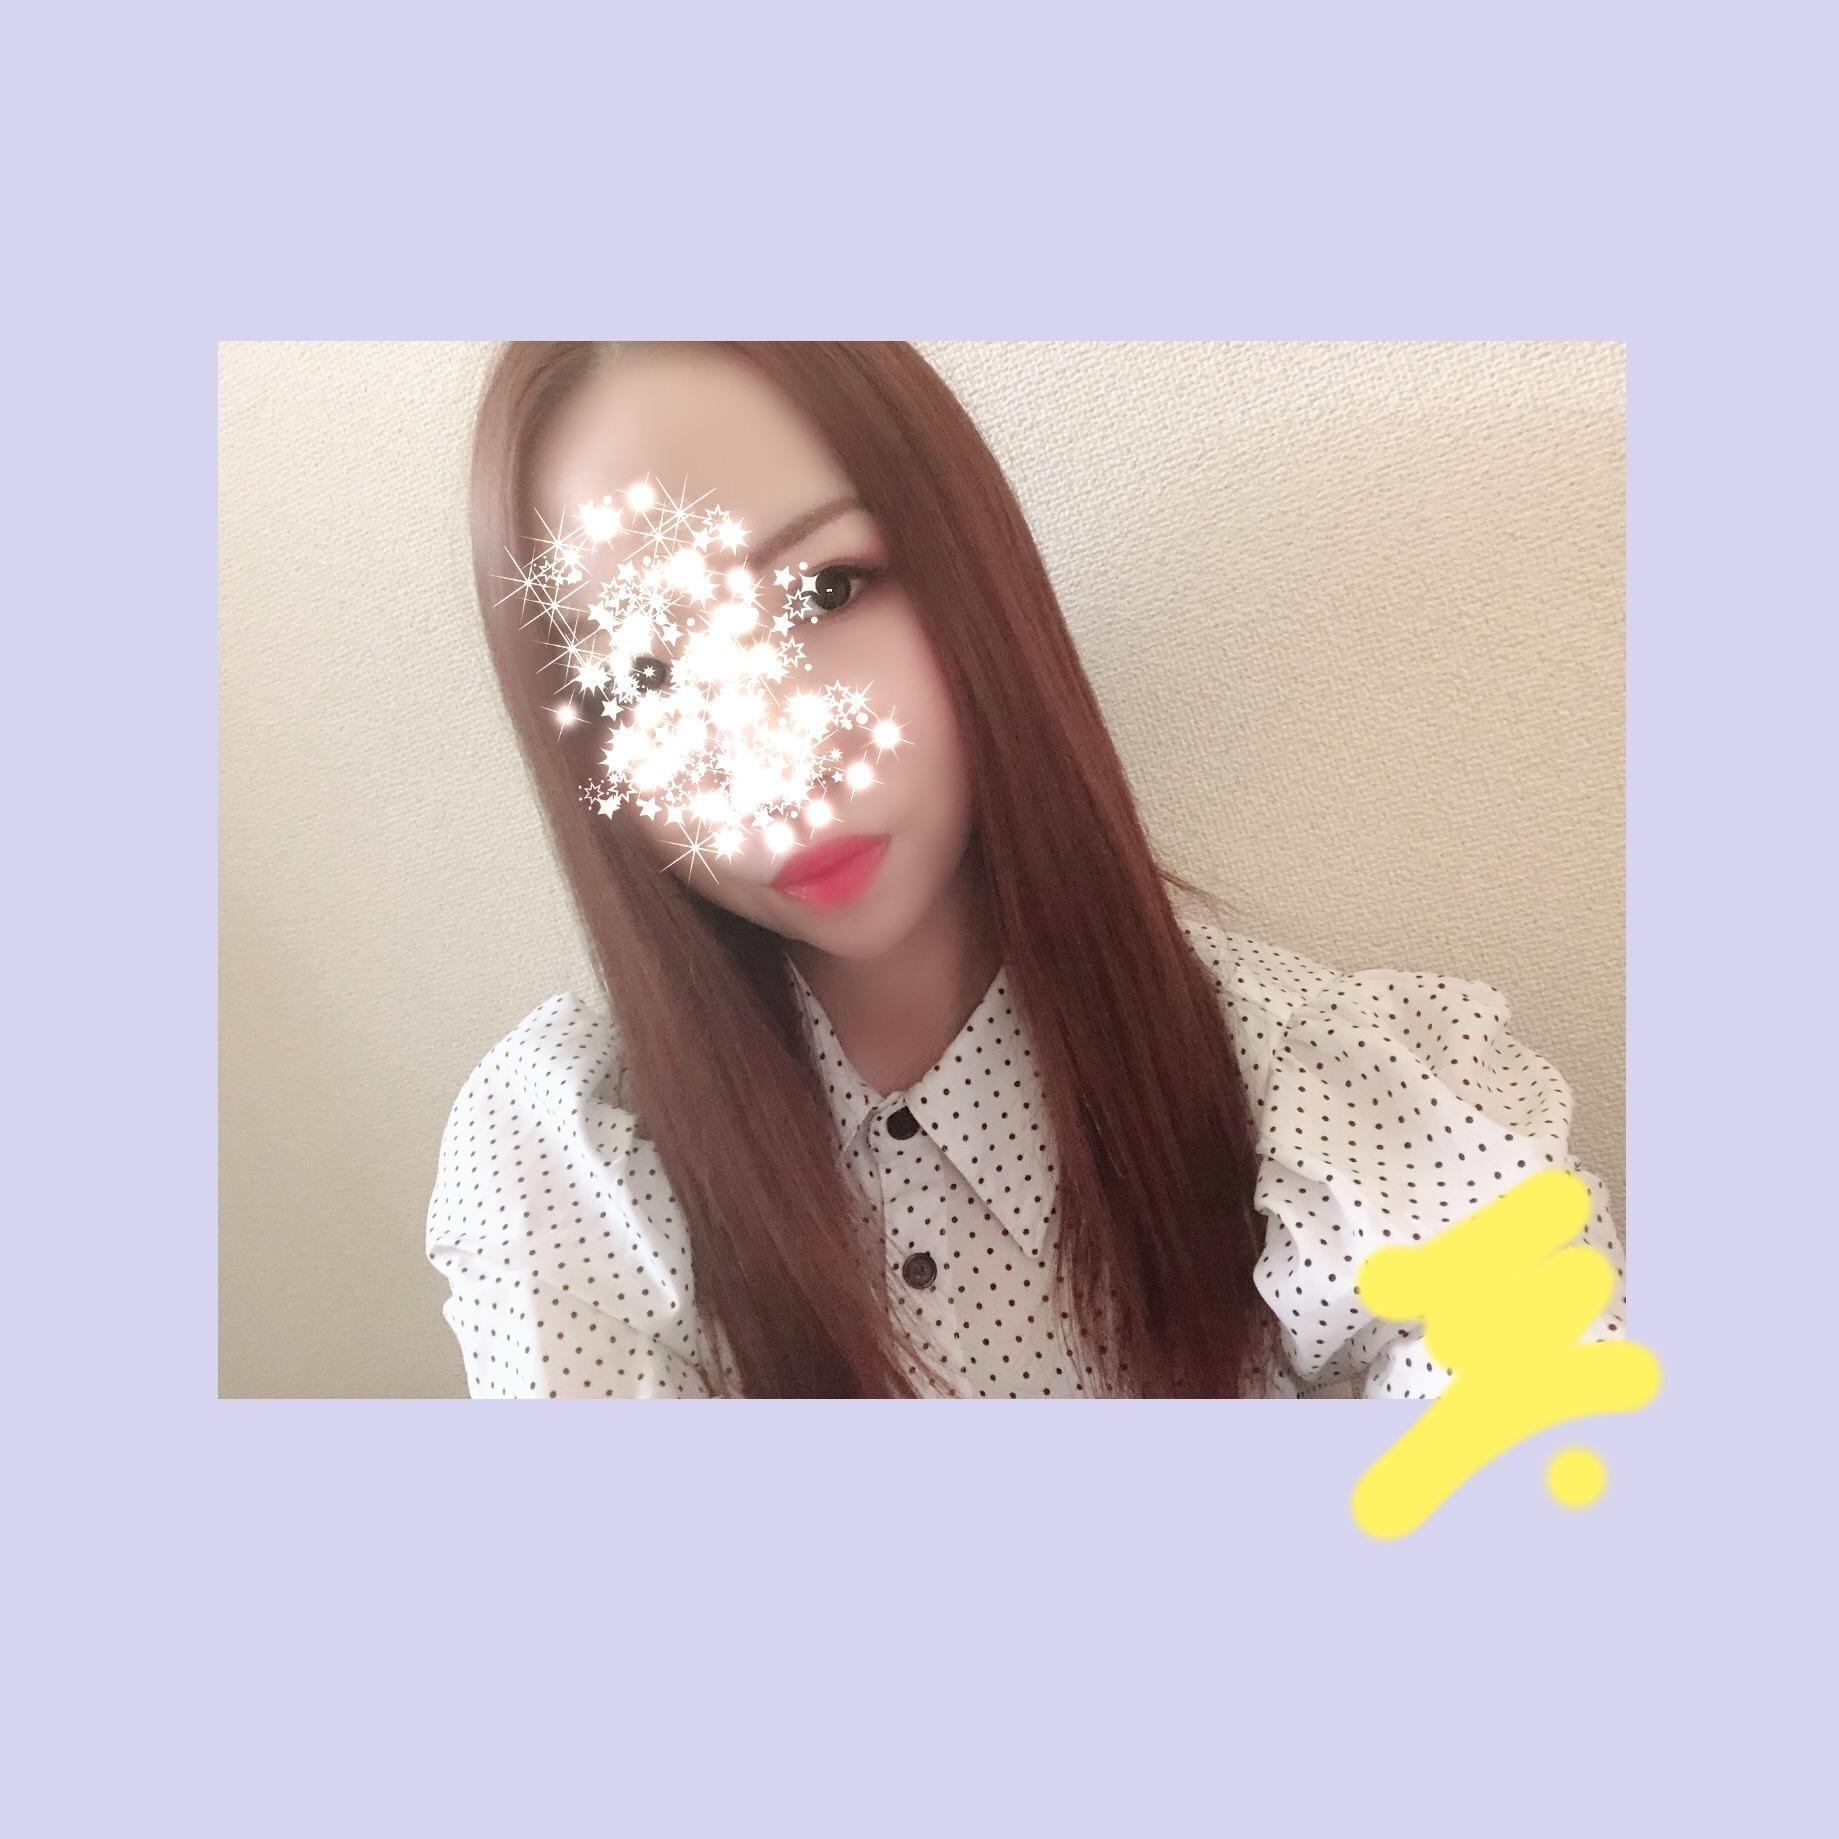 「こんにちは(^^)/」10/19(10/19) 17:25 | ゆずの写メ・風俗動画